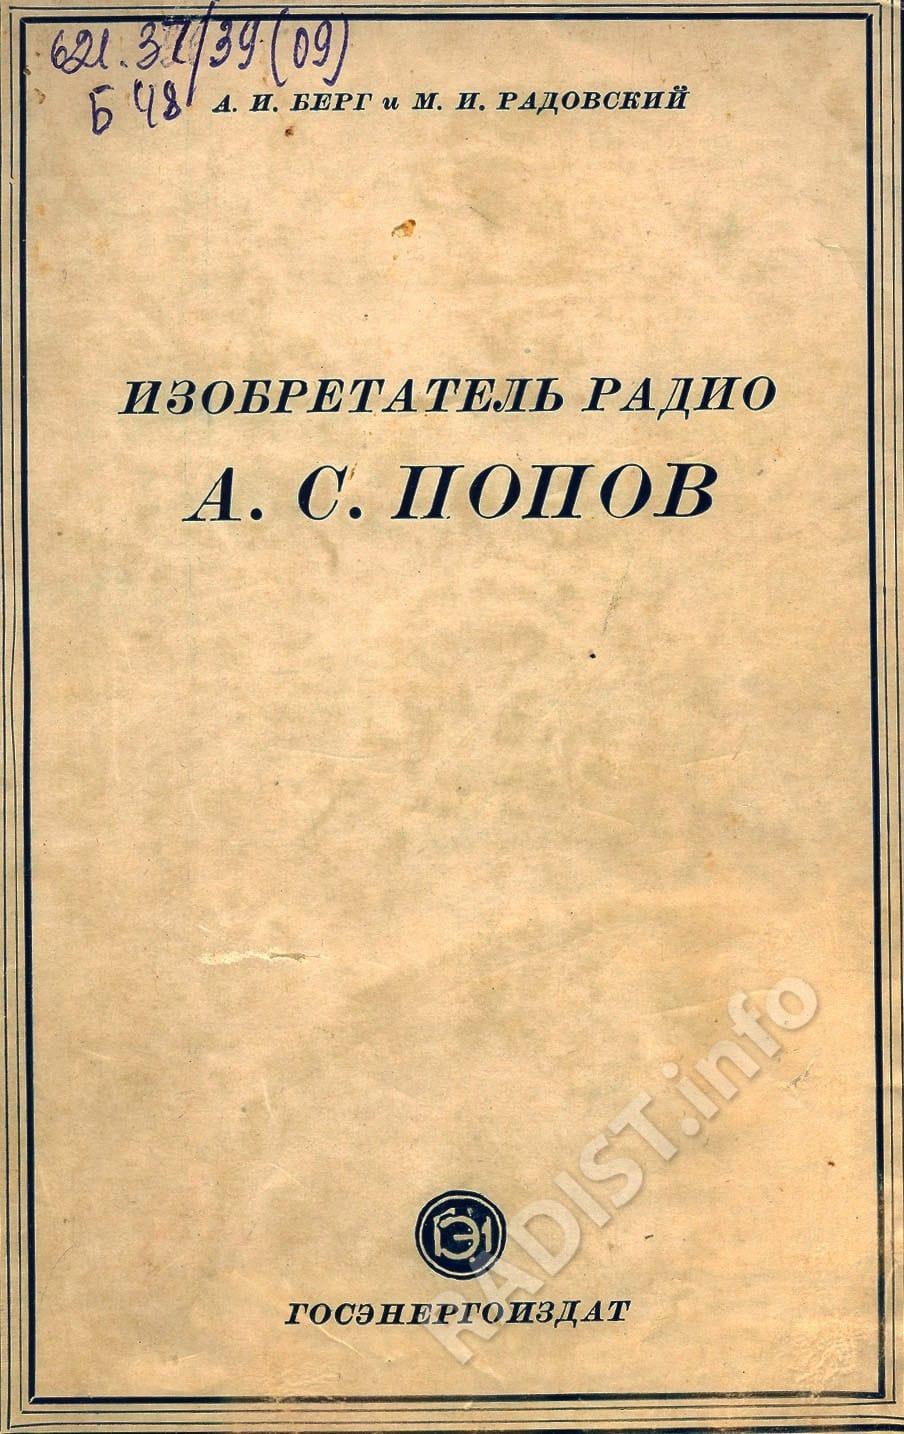 Обложка книги «Изобретатель радио А.С. Попов», А.И. Берг, М.И. Радовский, 1949 г.